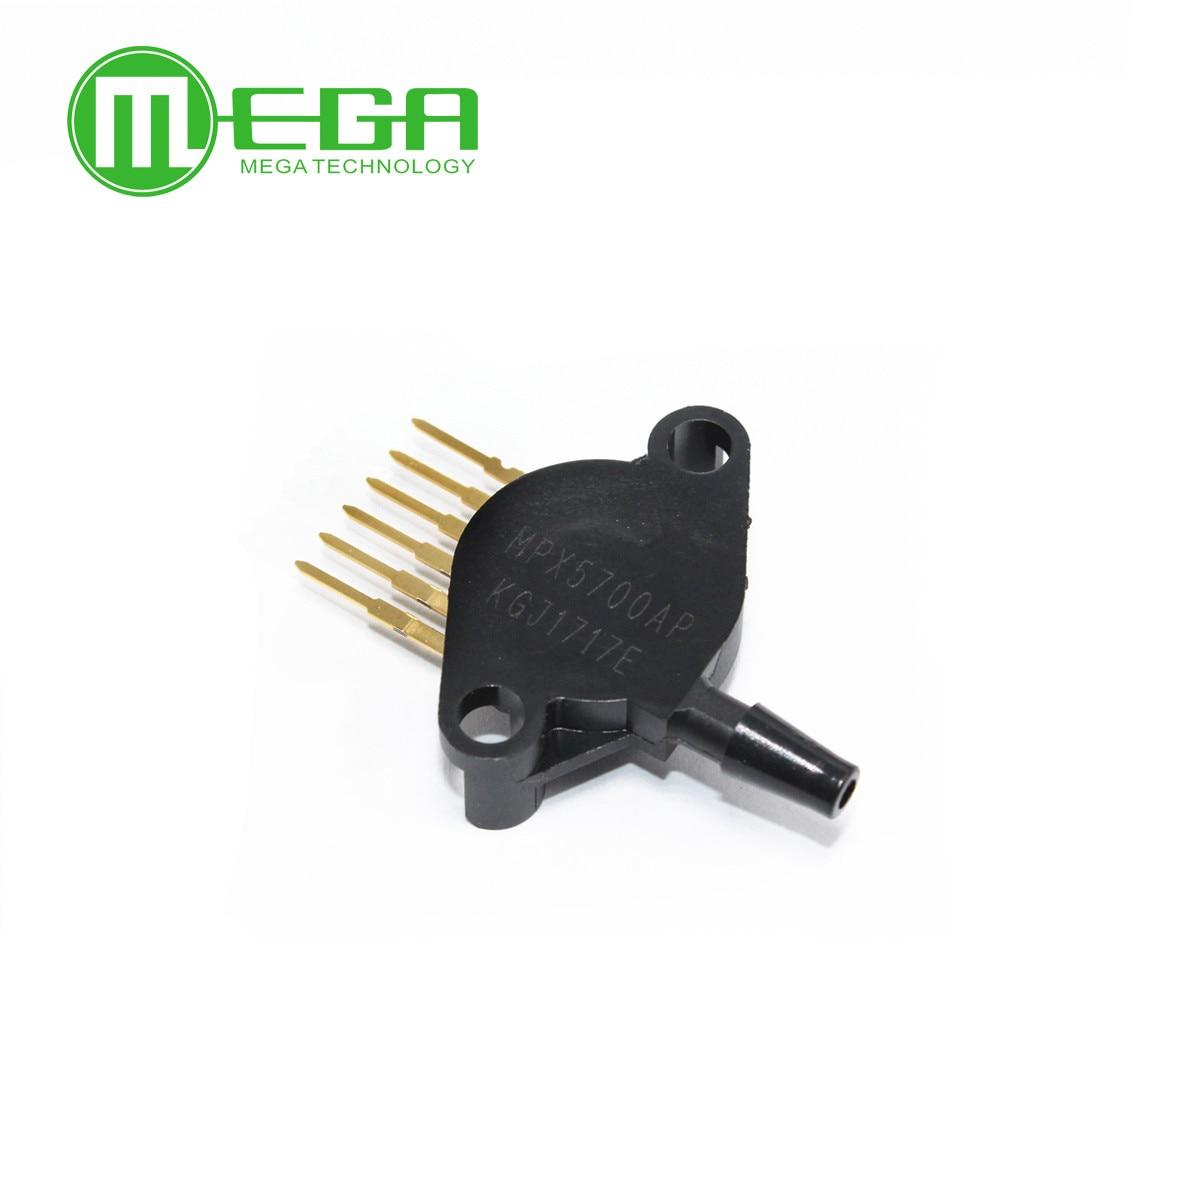 mpx5700ap - 1pcs,New and original  MPX5700AP MPX5700 ABS 6-SIP PRESSURE SENSOR Integrated Circuits